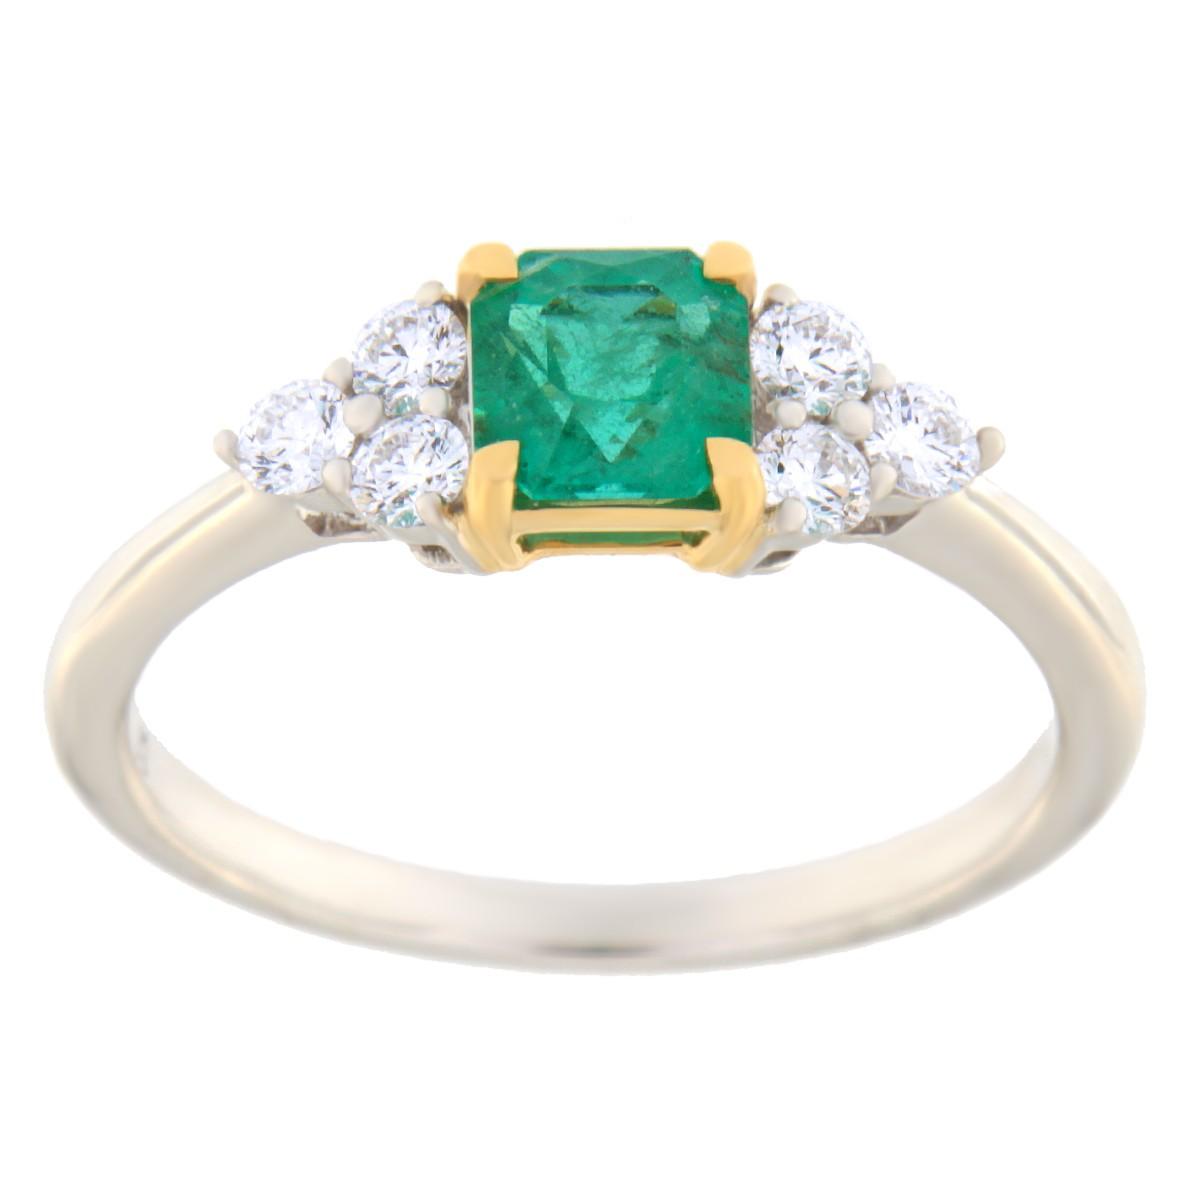 Kullast sõrmus teemantide ja smaragdiga Kood: 3m-2020